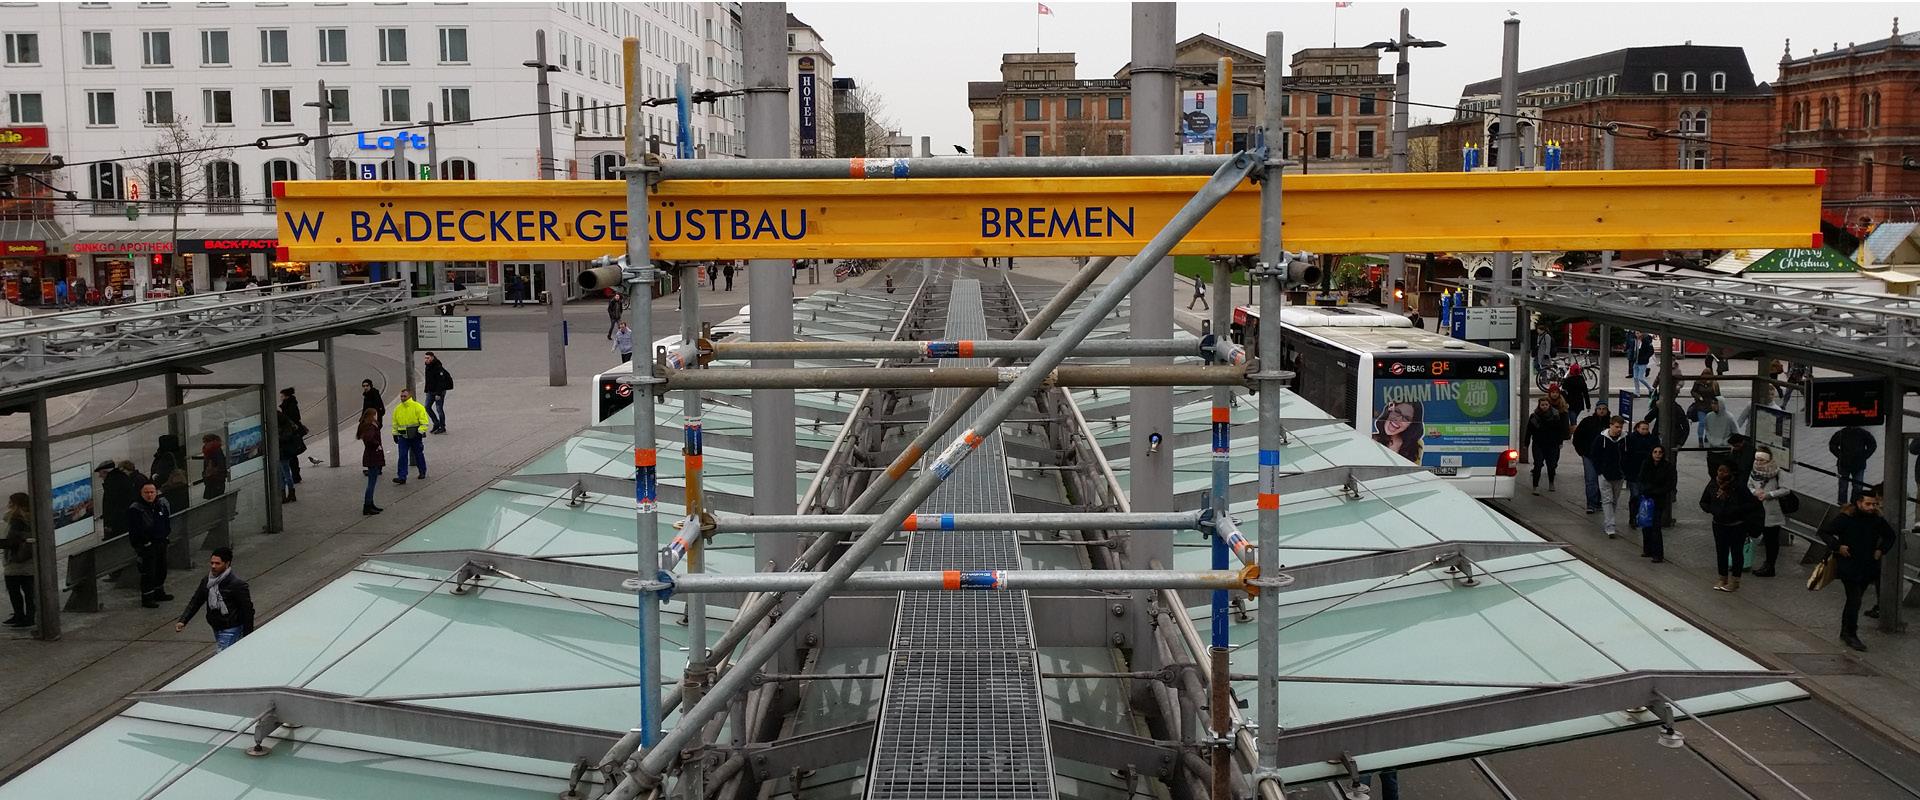 Gerüstbau Bahnhof Bremen